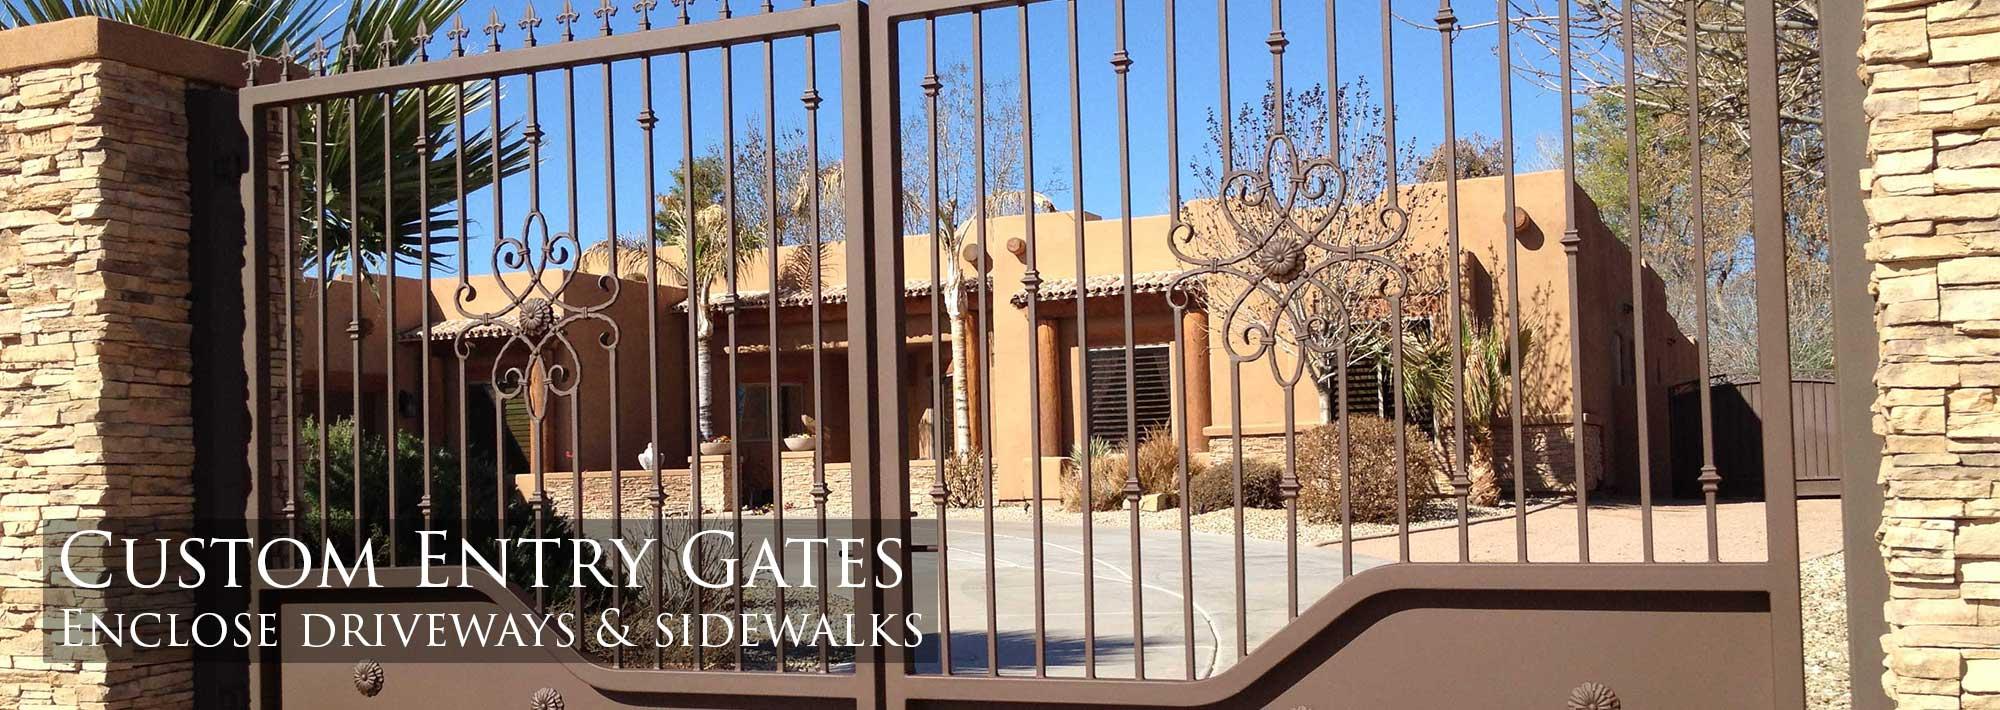 Sunset Gates Wrought Iron Gates Amp Fencing Phoenix Arizona